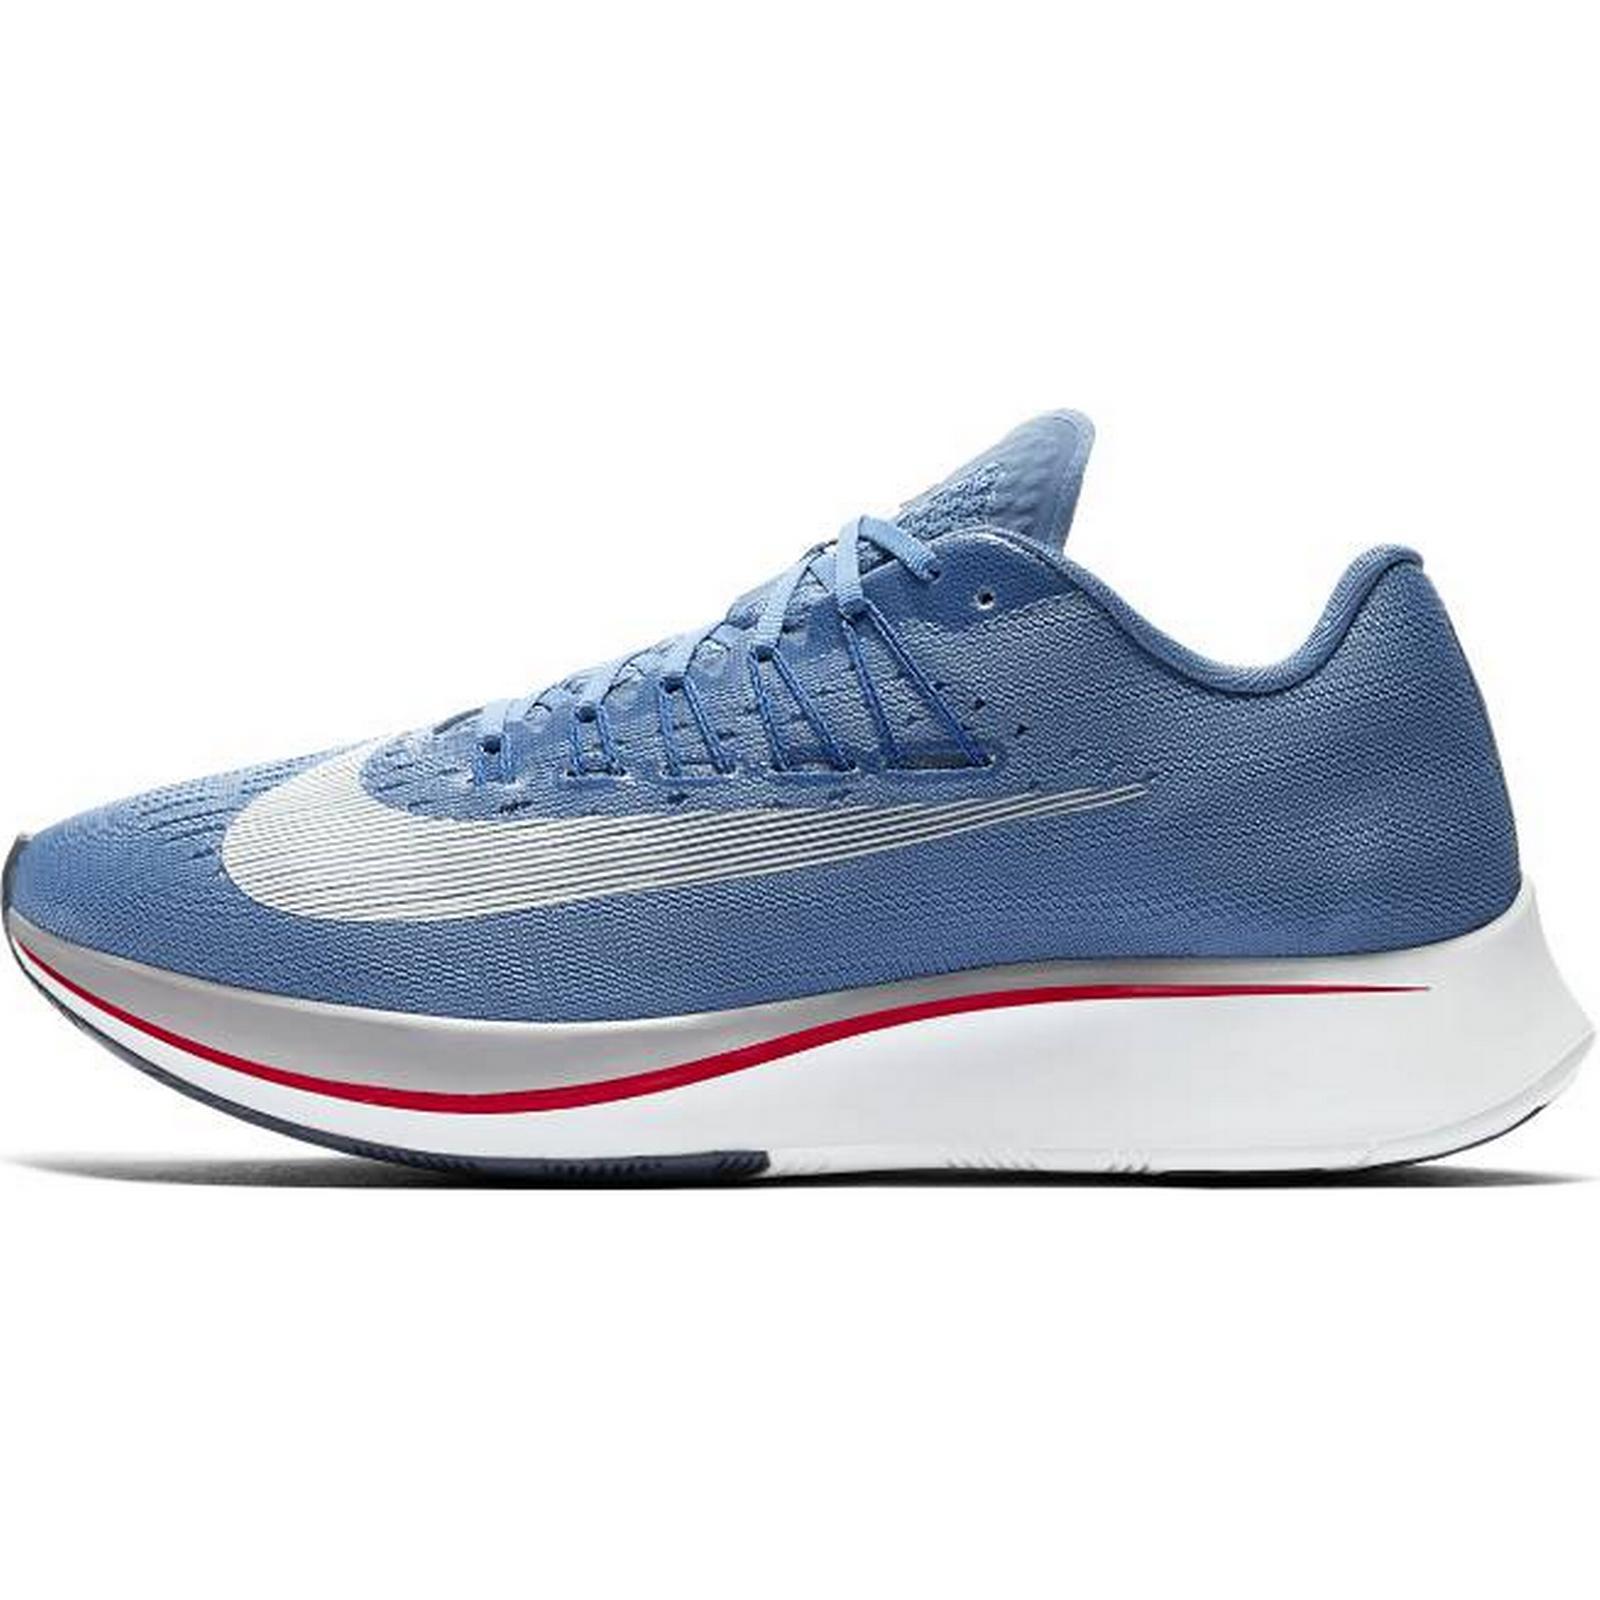 NIKE Męskie Biegania Buty Do Biegania Męskie Nike Zoom Fly 97c675